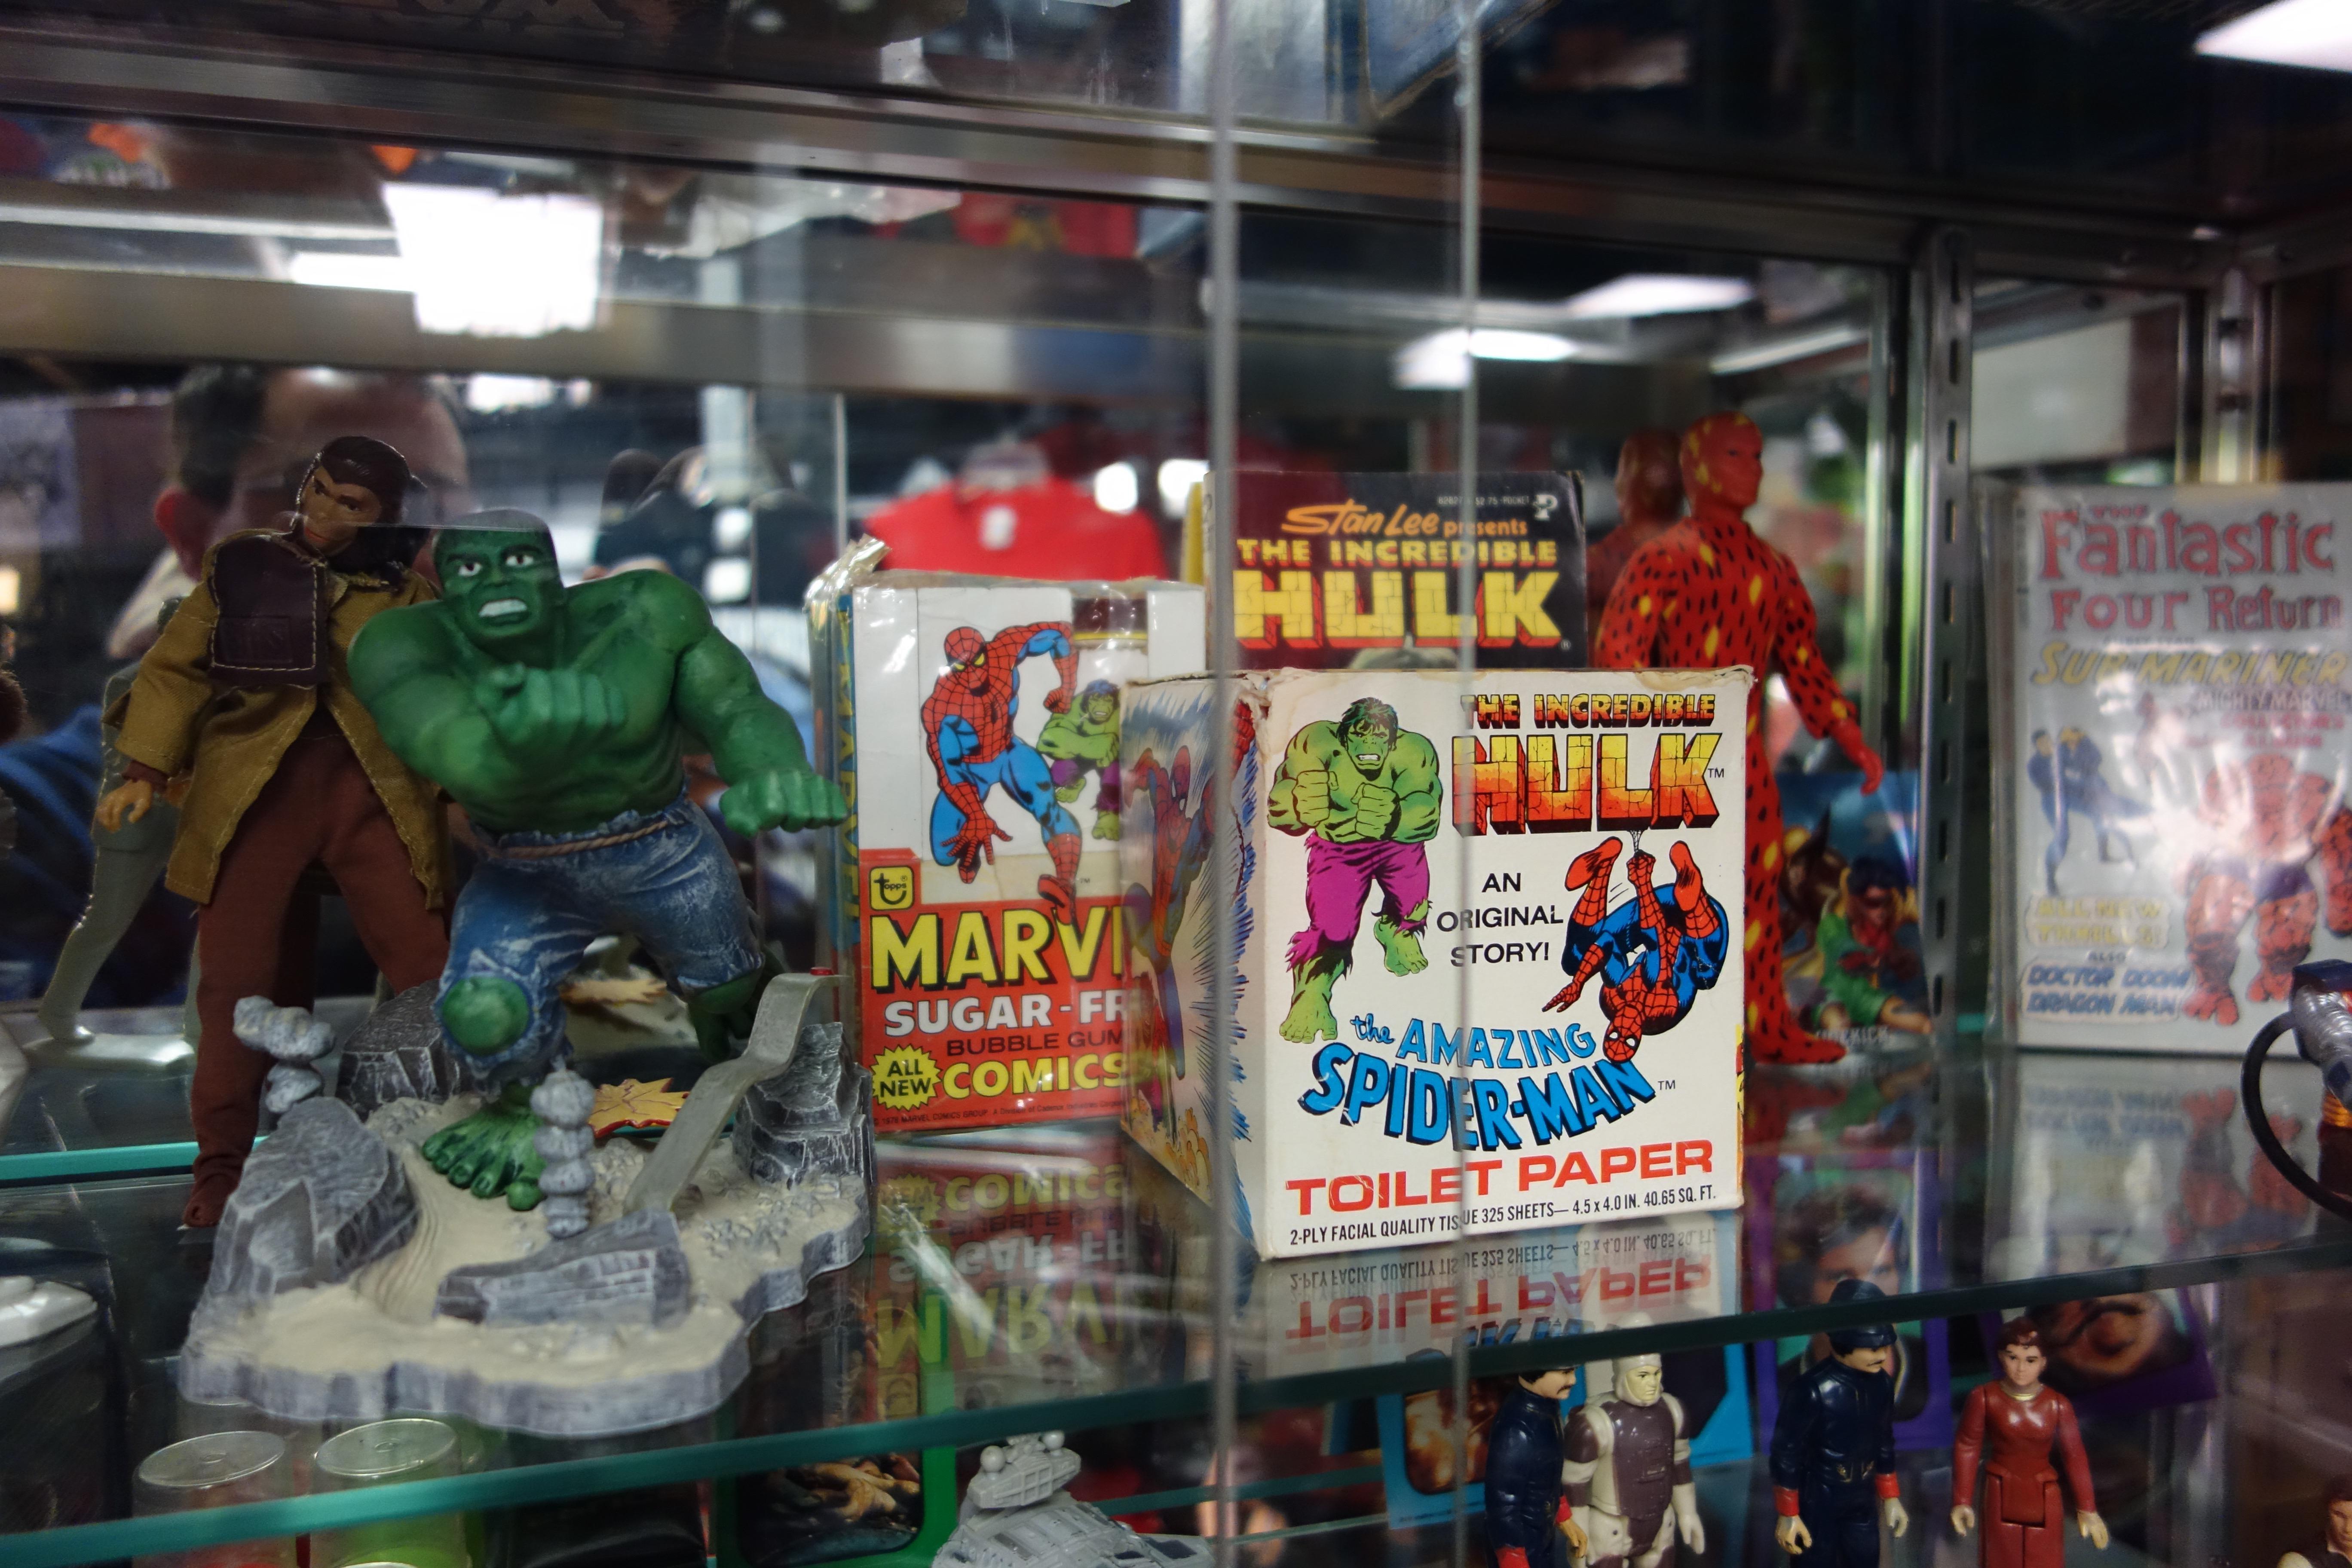 Hulk TP